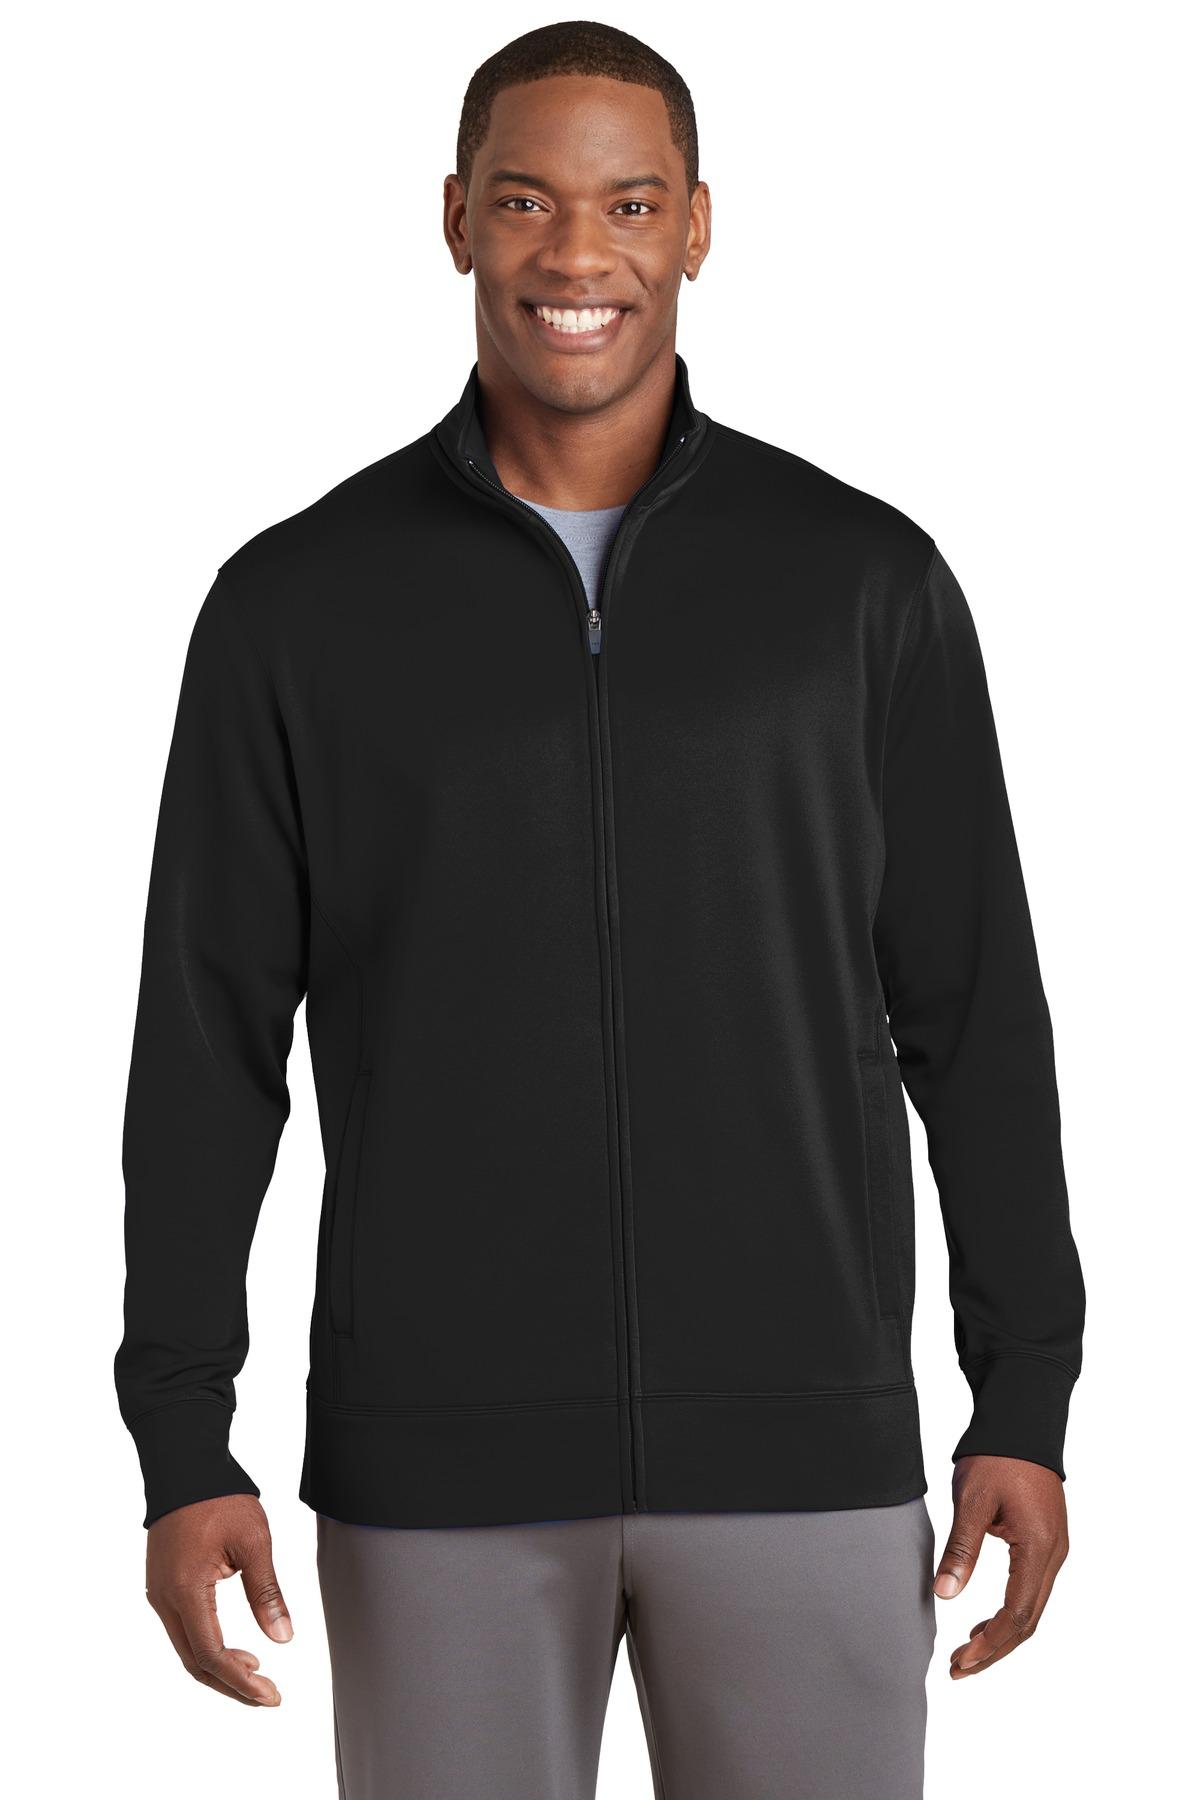 ST241 Sport-Tek® Sport-Wick® Fleece Full-Zip Jacket.-Sport-Tek